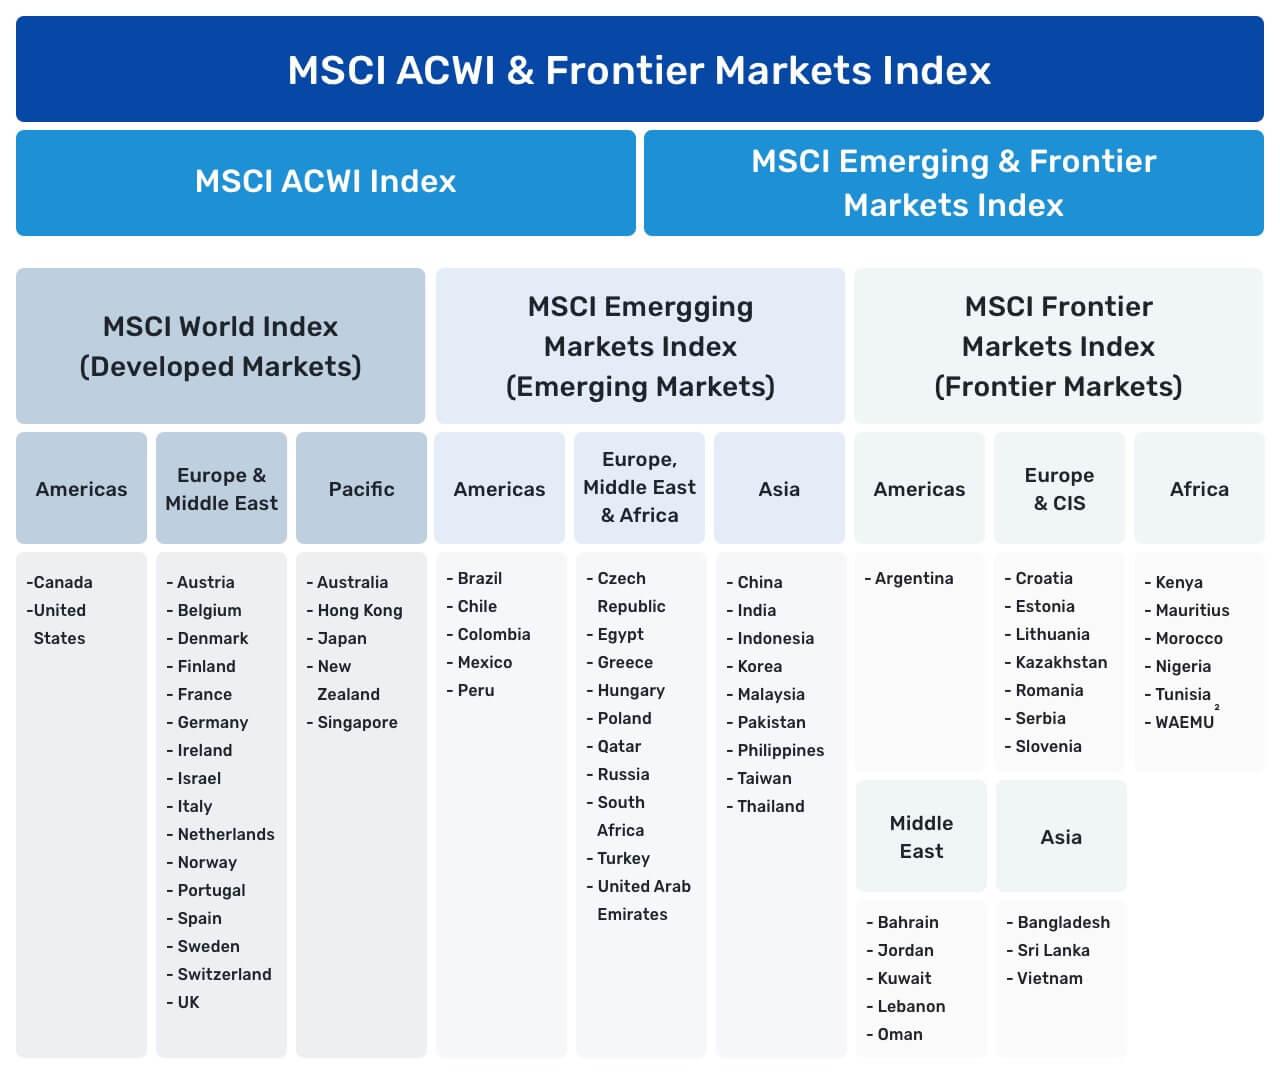 In einer Grafik werden MSCI ACWI und der Frontier Markts Index auf weitere Unter-Indizes aufgeschlüsselt - Schwellenländer